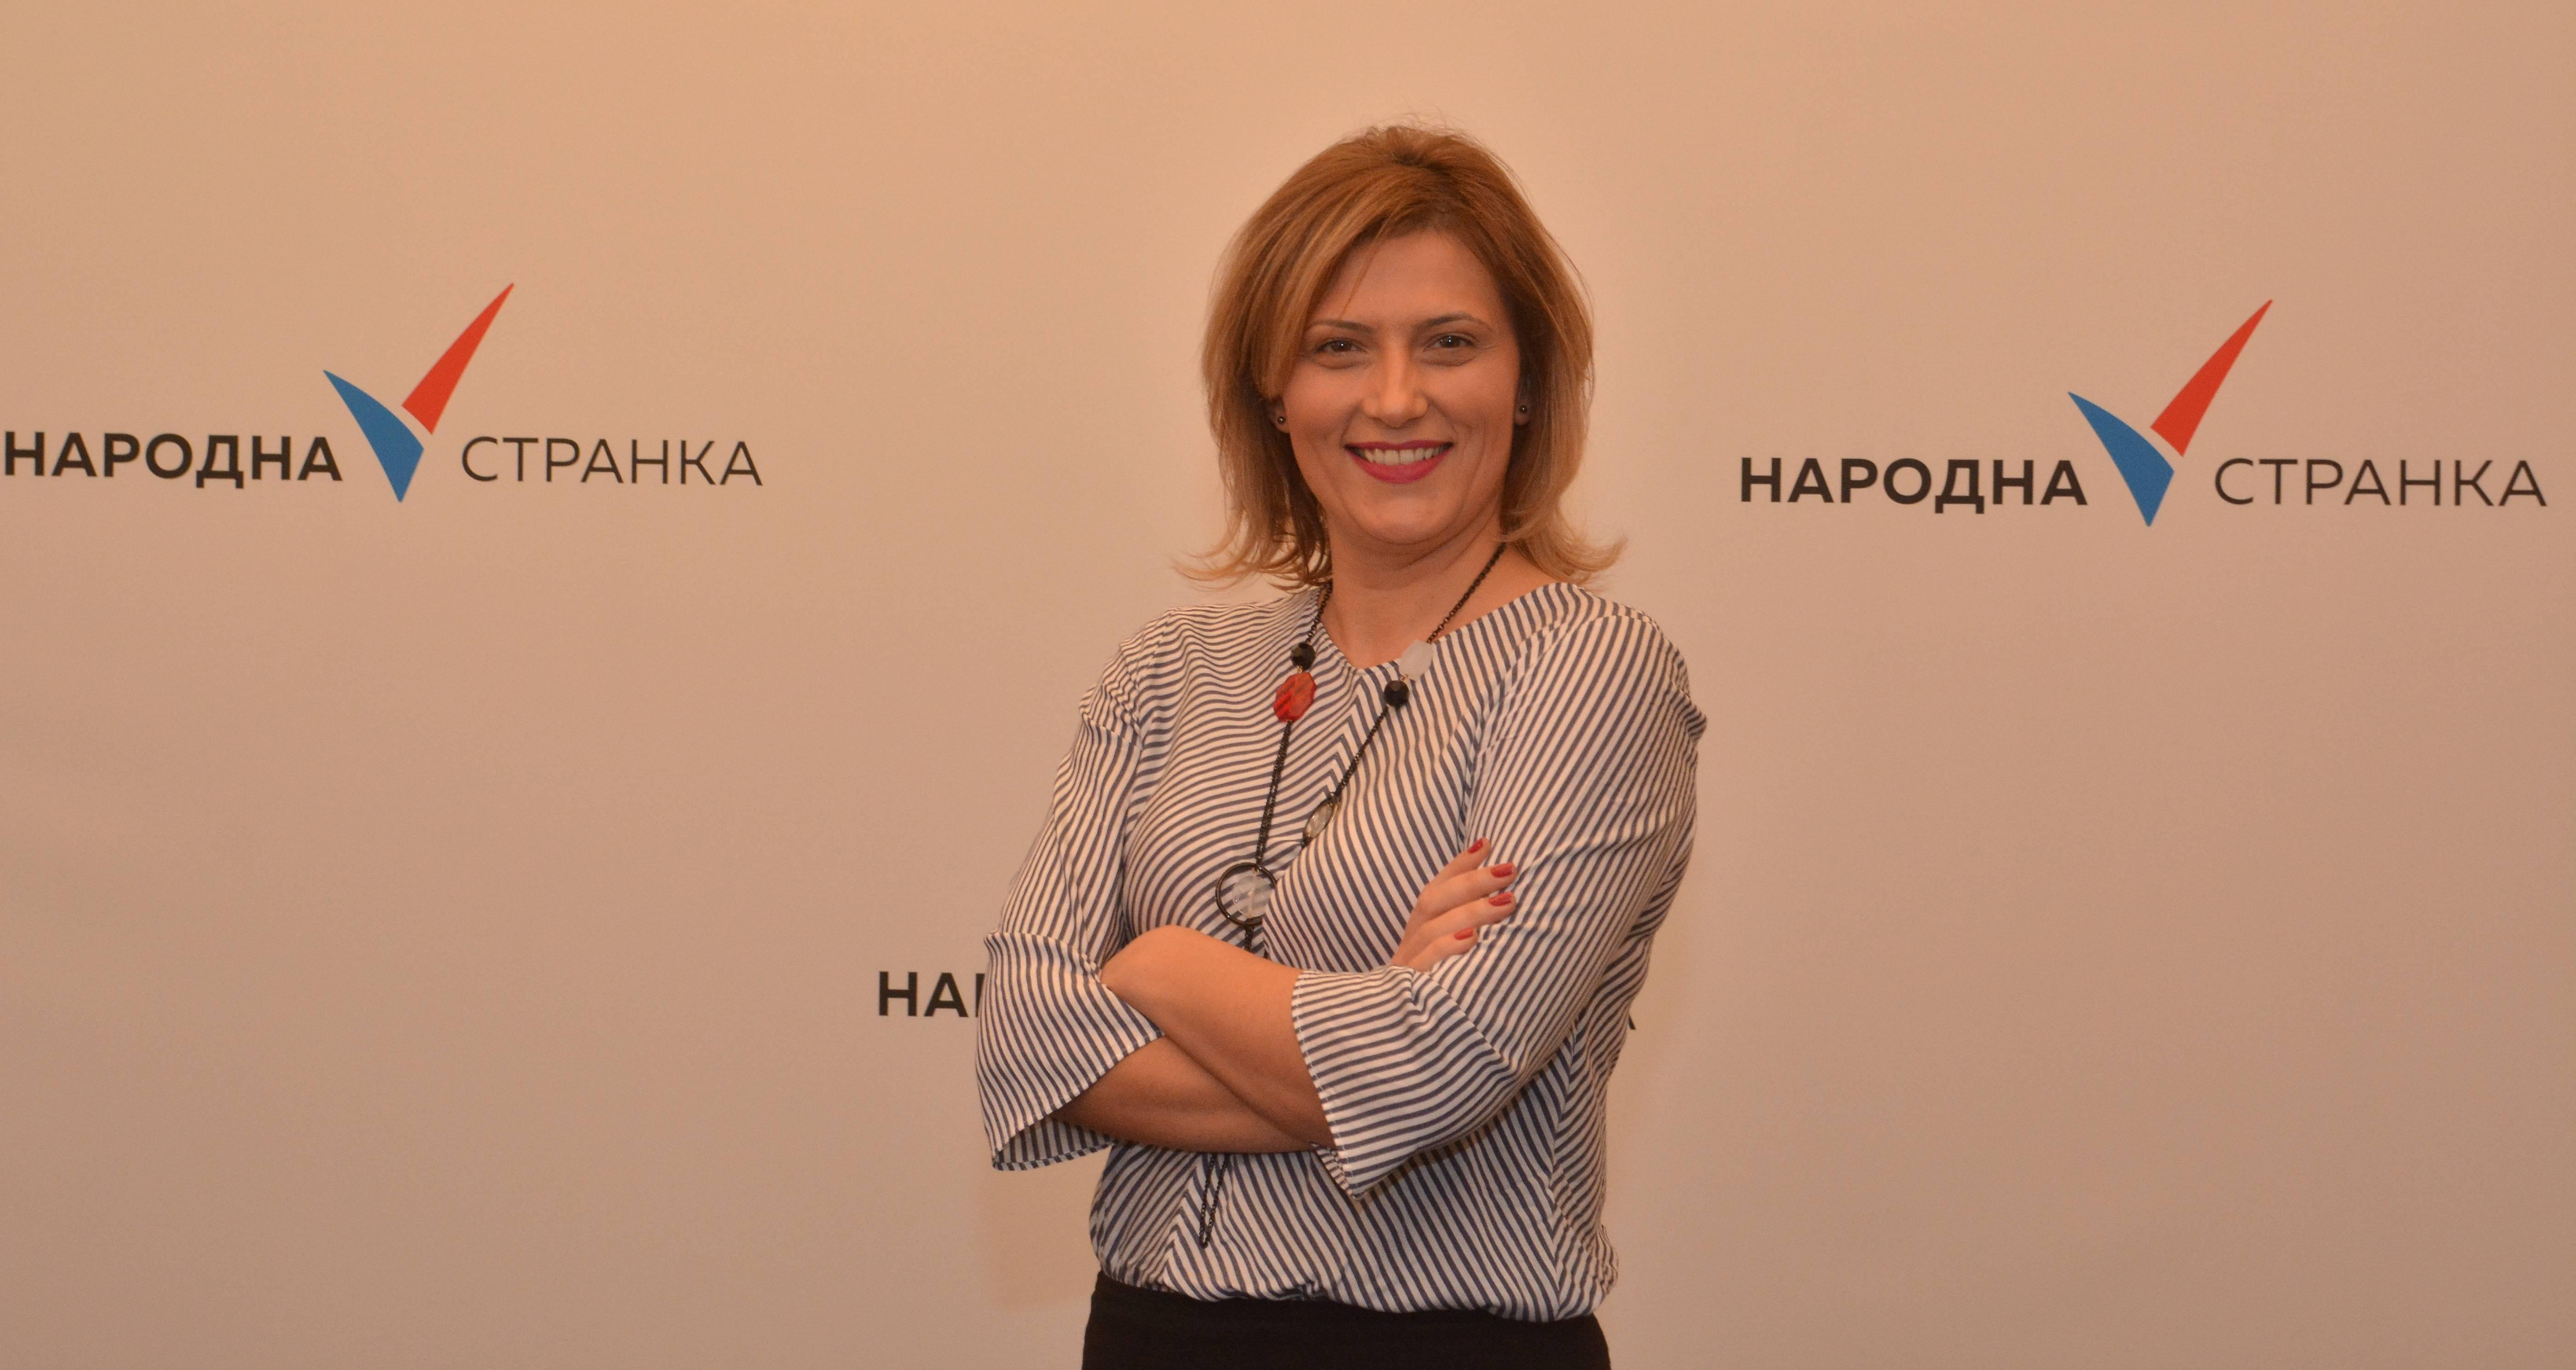 Основан Одбор Народне странке за саобраћај, Марина Липовац Танасковић изабрана за председницу